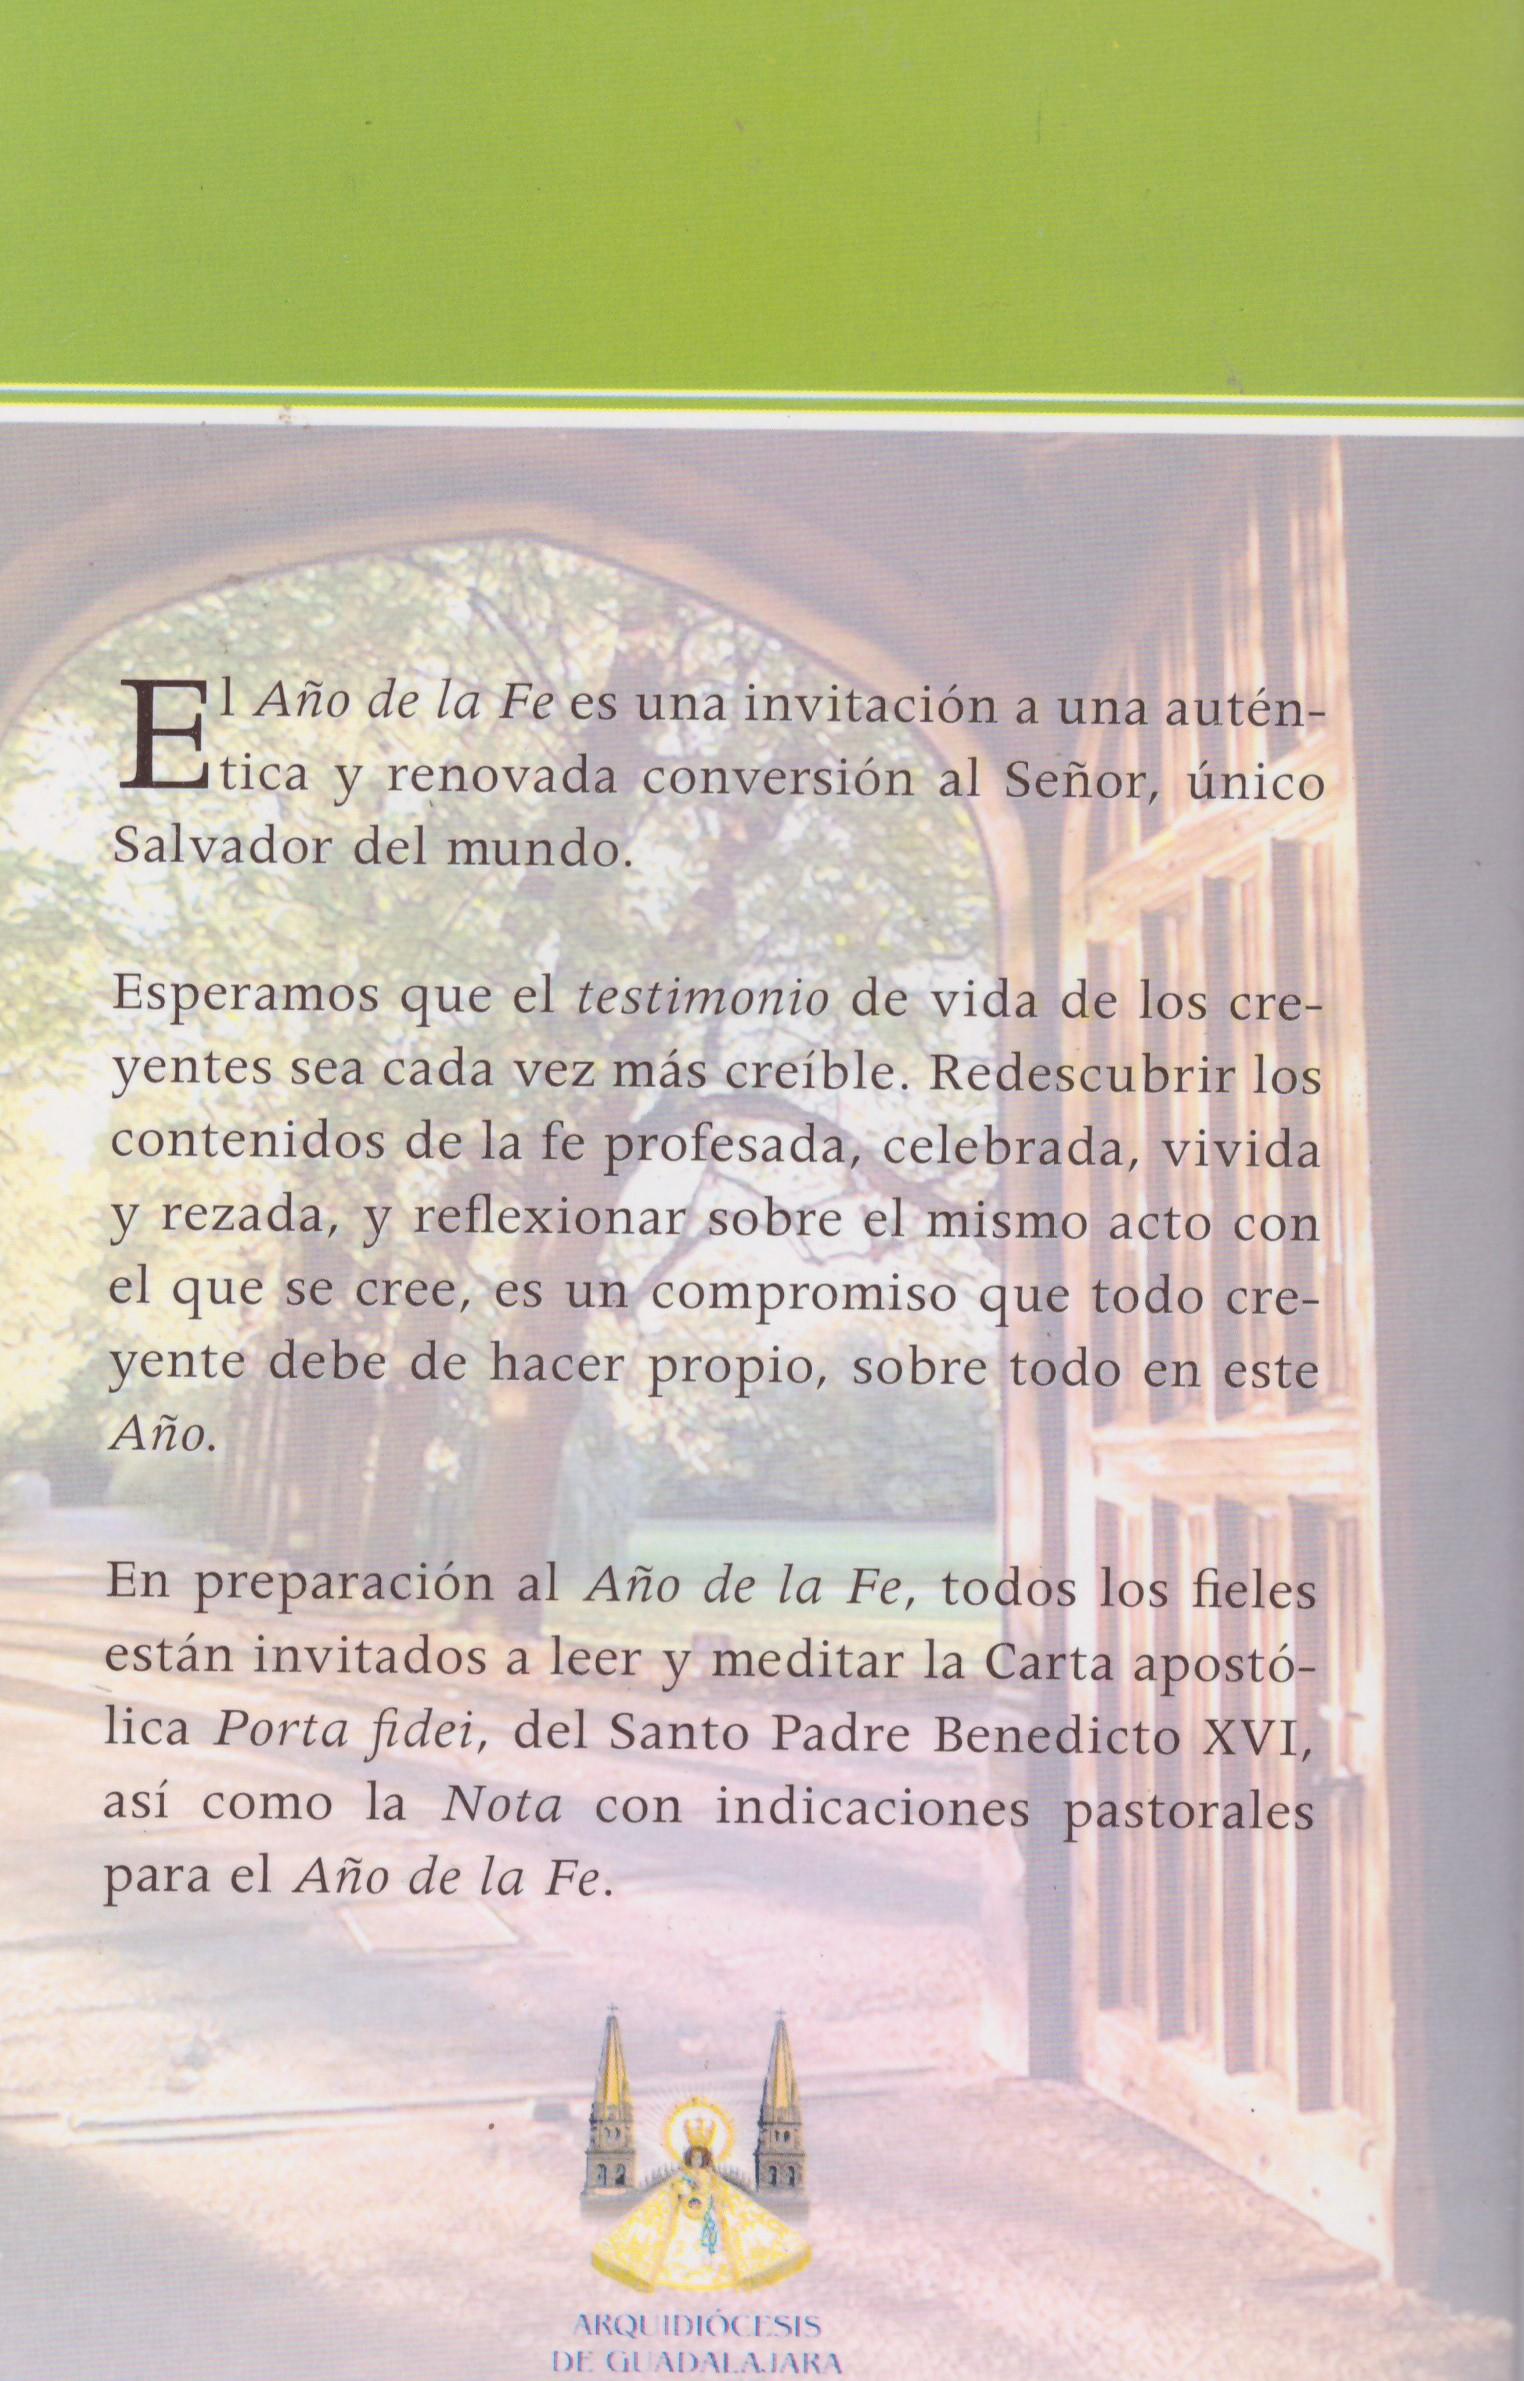 Documentación para vivir el Año de la Fe